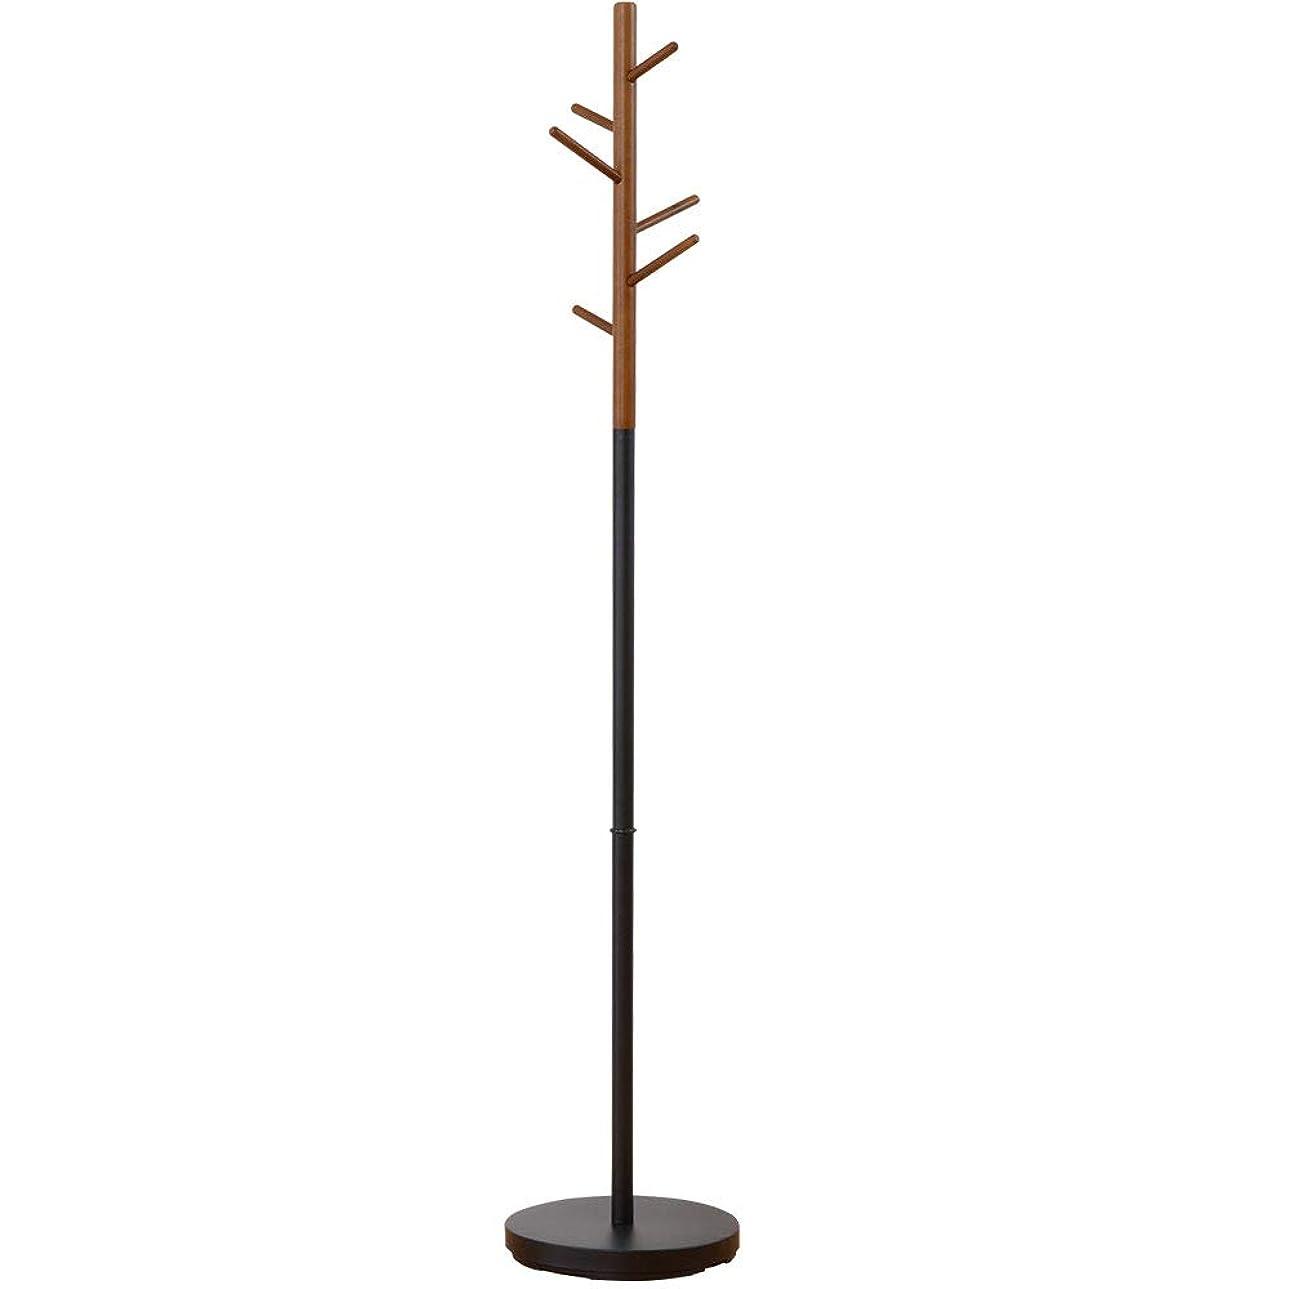 火曜日プットプラグワイエムワールド 天然木×スチールフレーム ポールスタンド アリオス ブラック 34-118